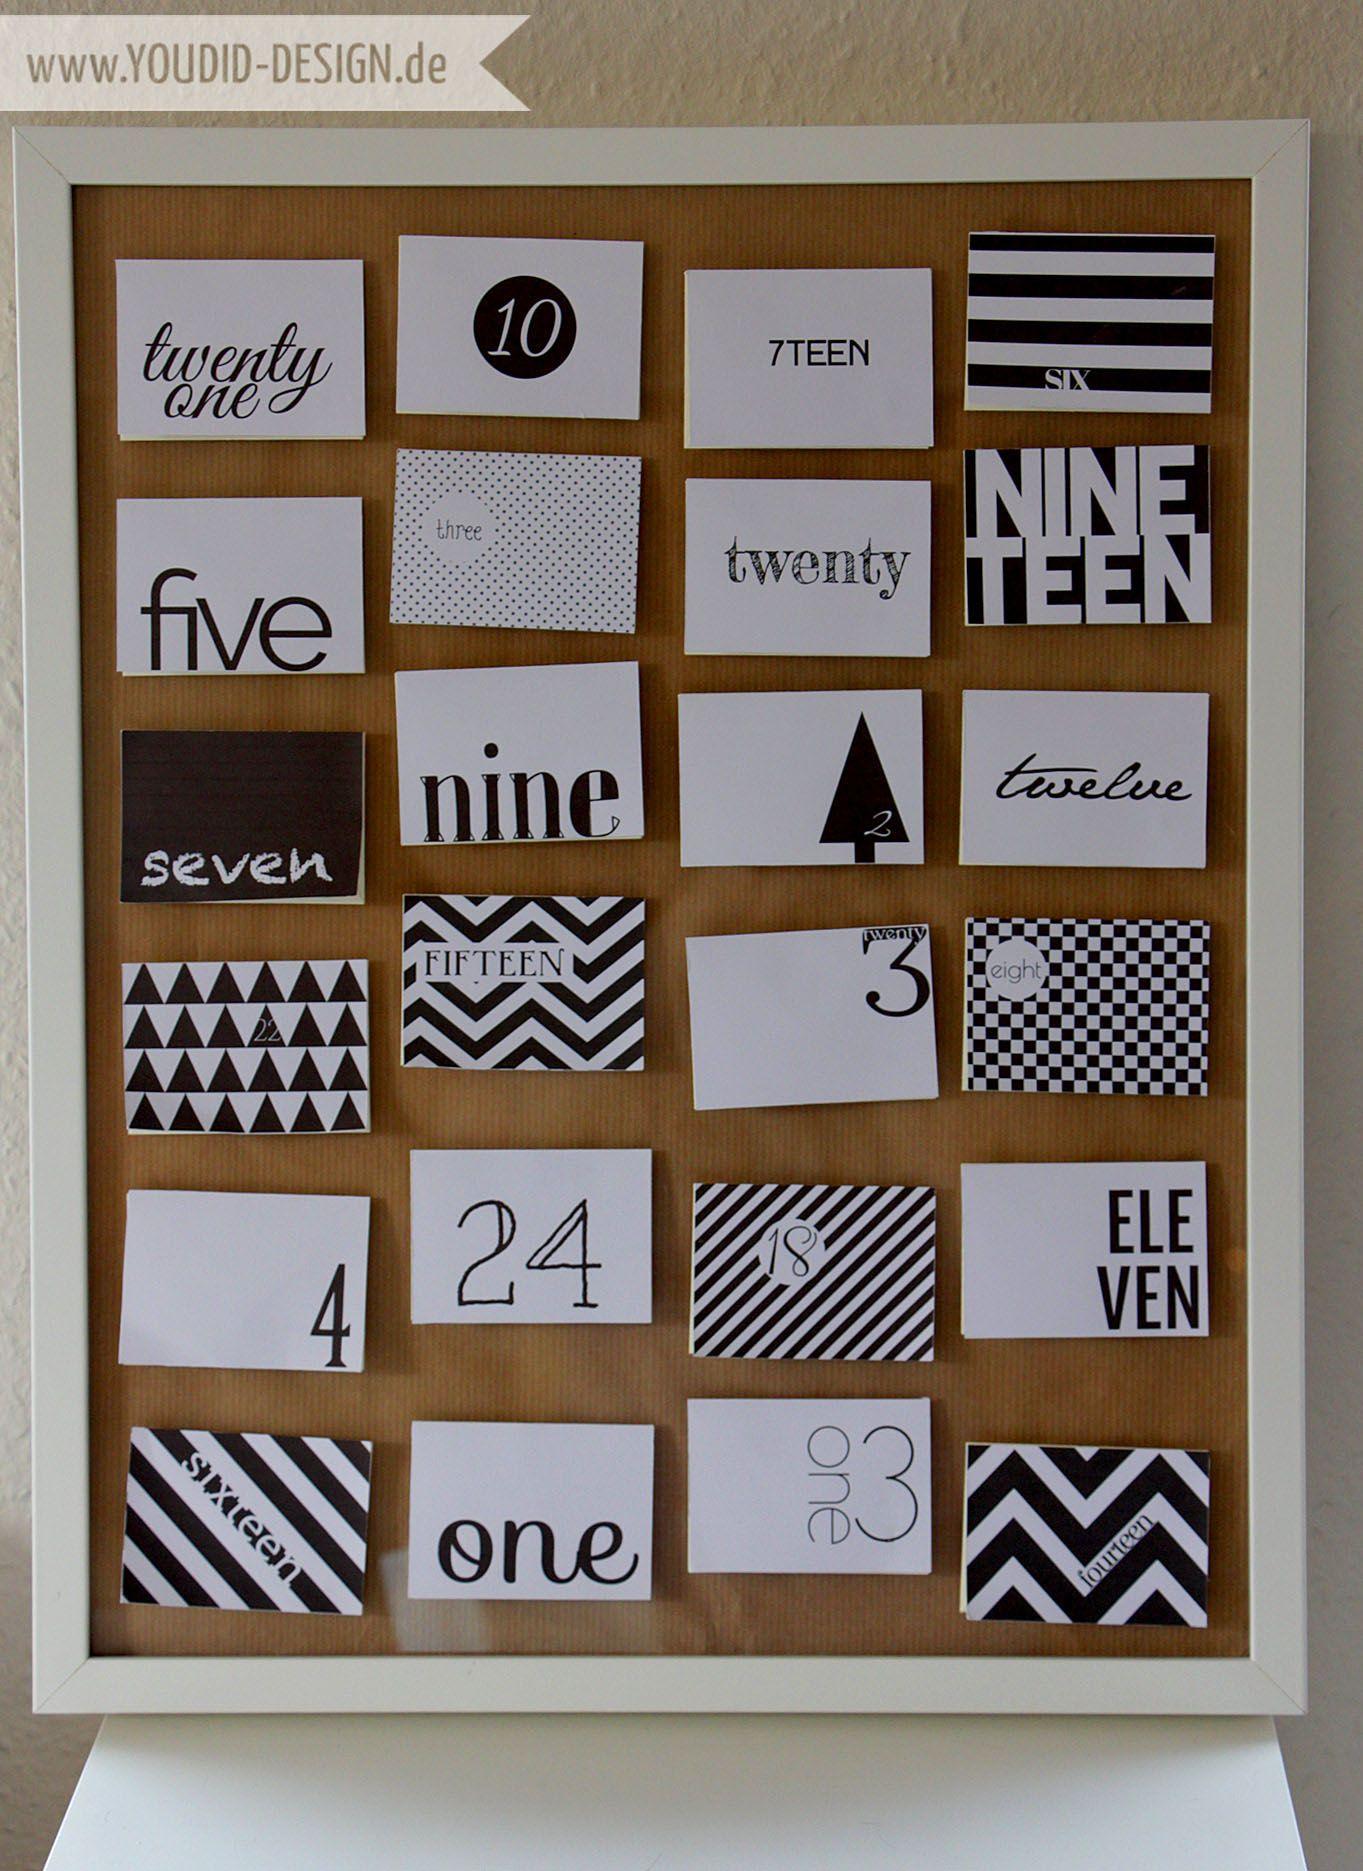 adventskalender freebie black and white diy adventskalender basteln und weihnachten. Black Bedroom Furniture Sets. Home Design Ideas